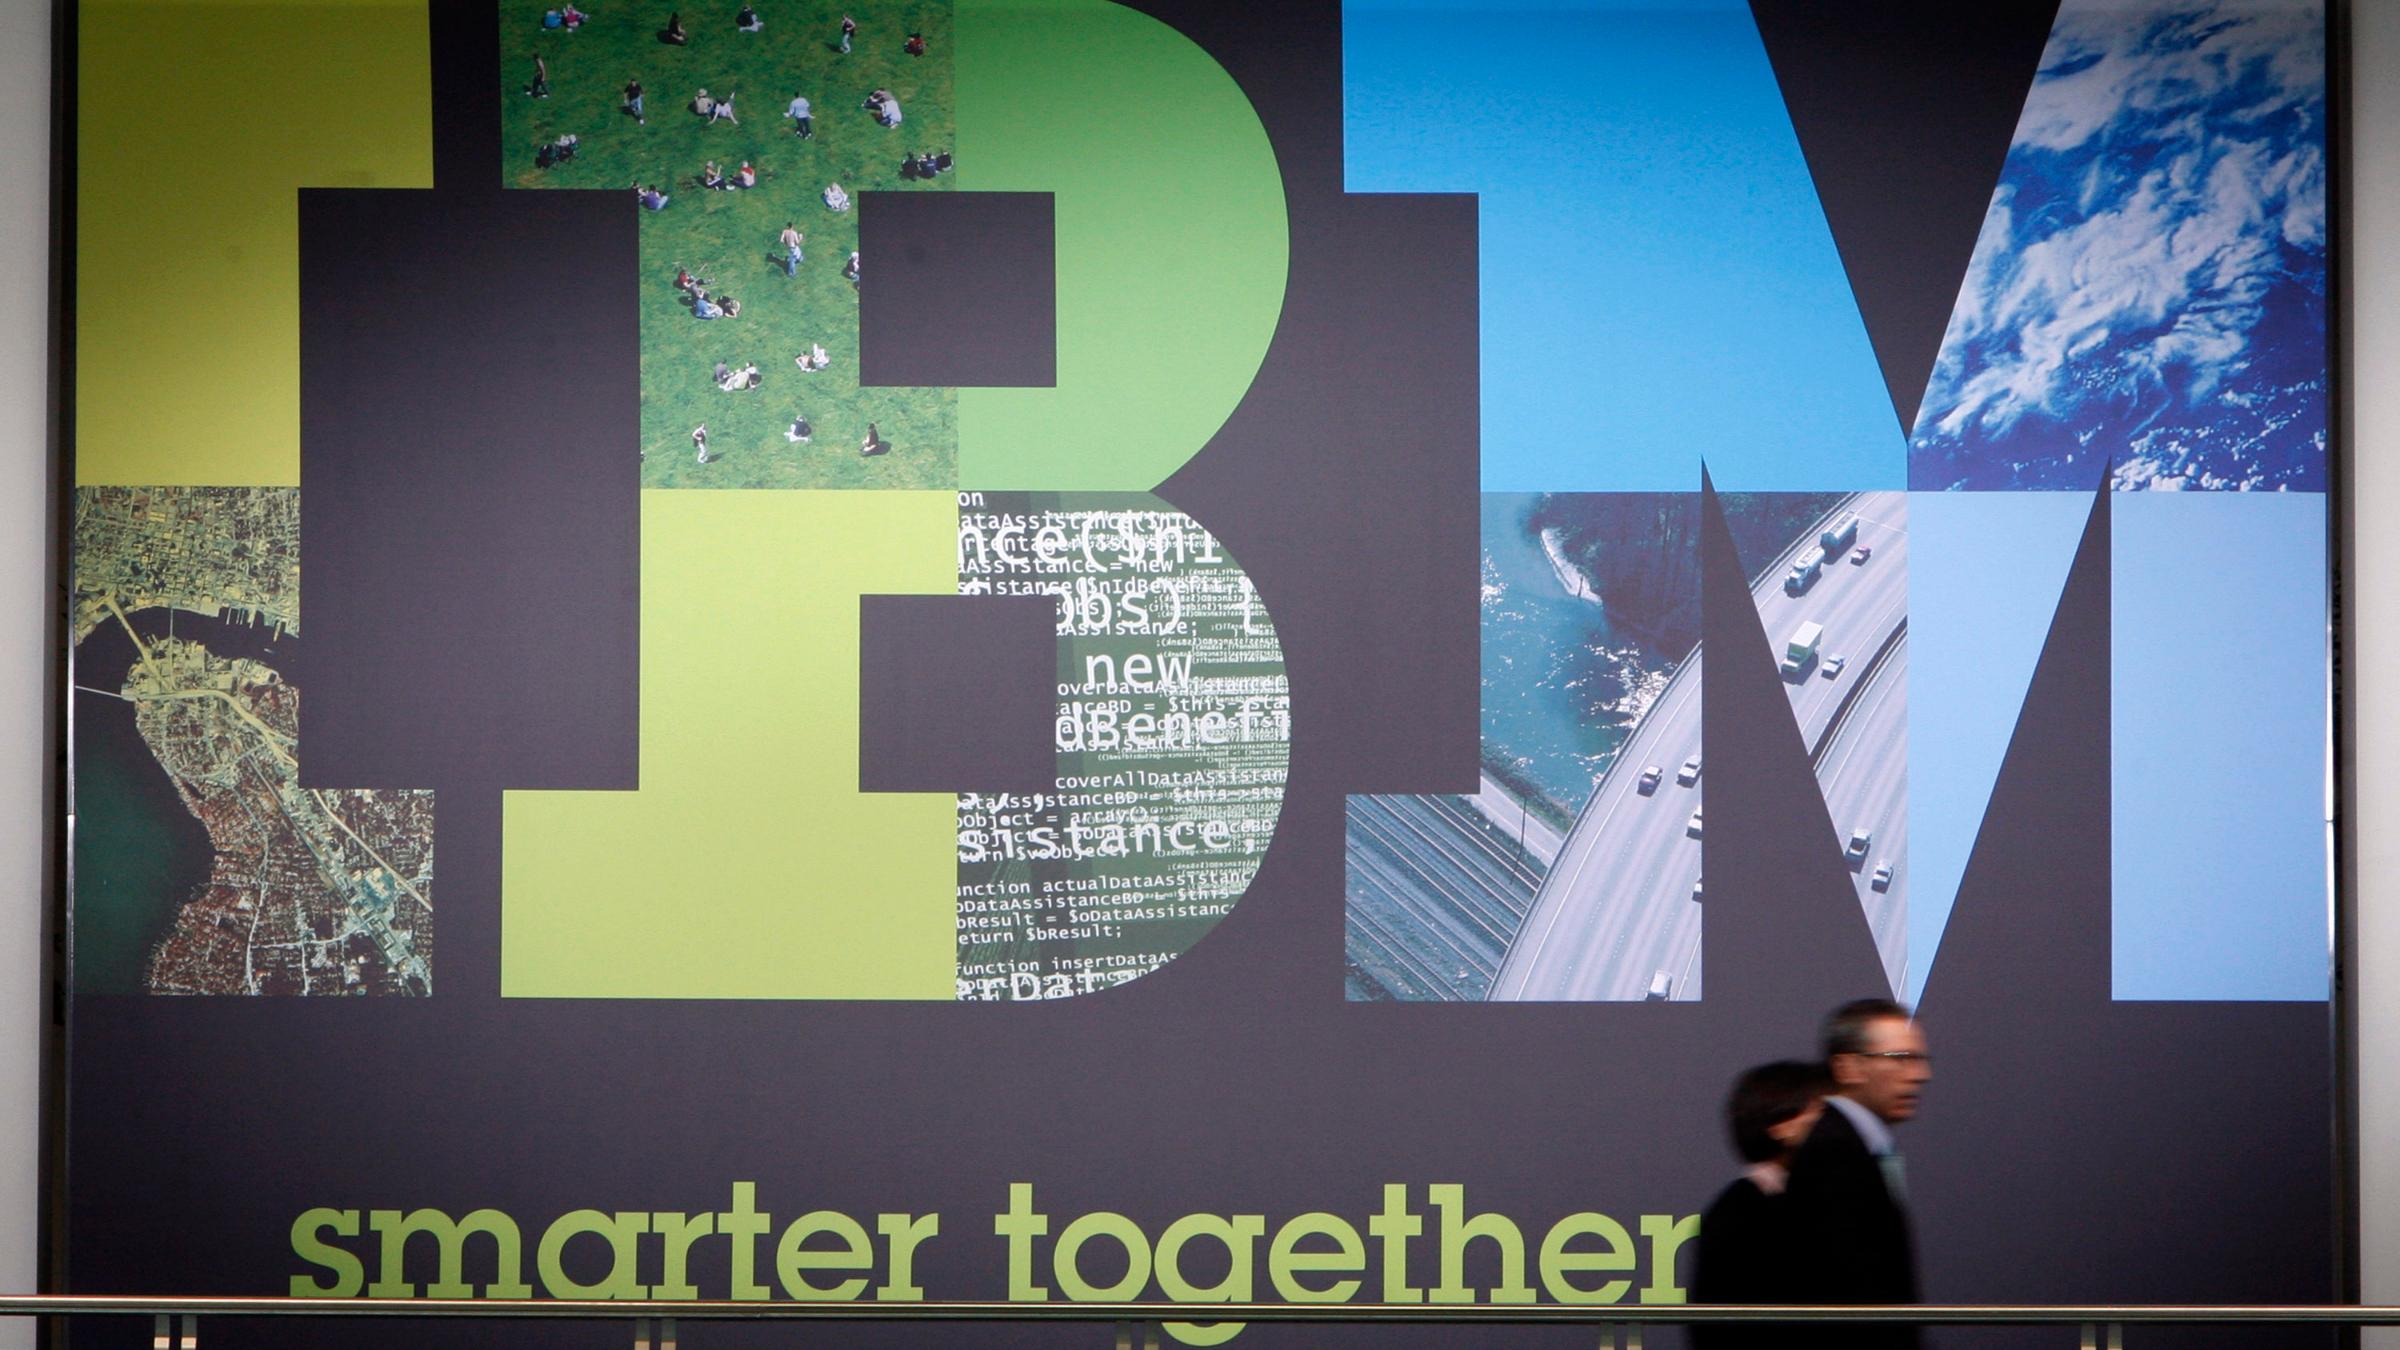 IBM's slogan: Smarter together.